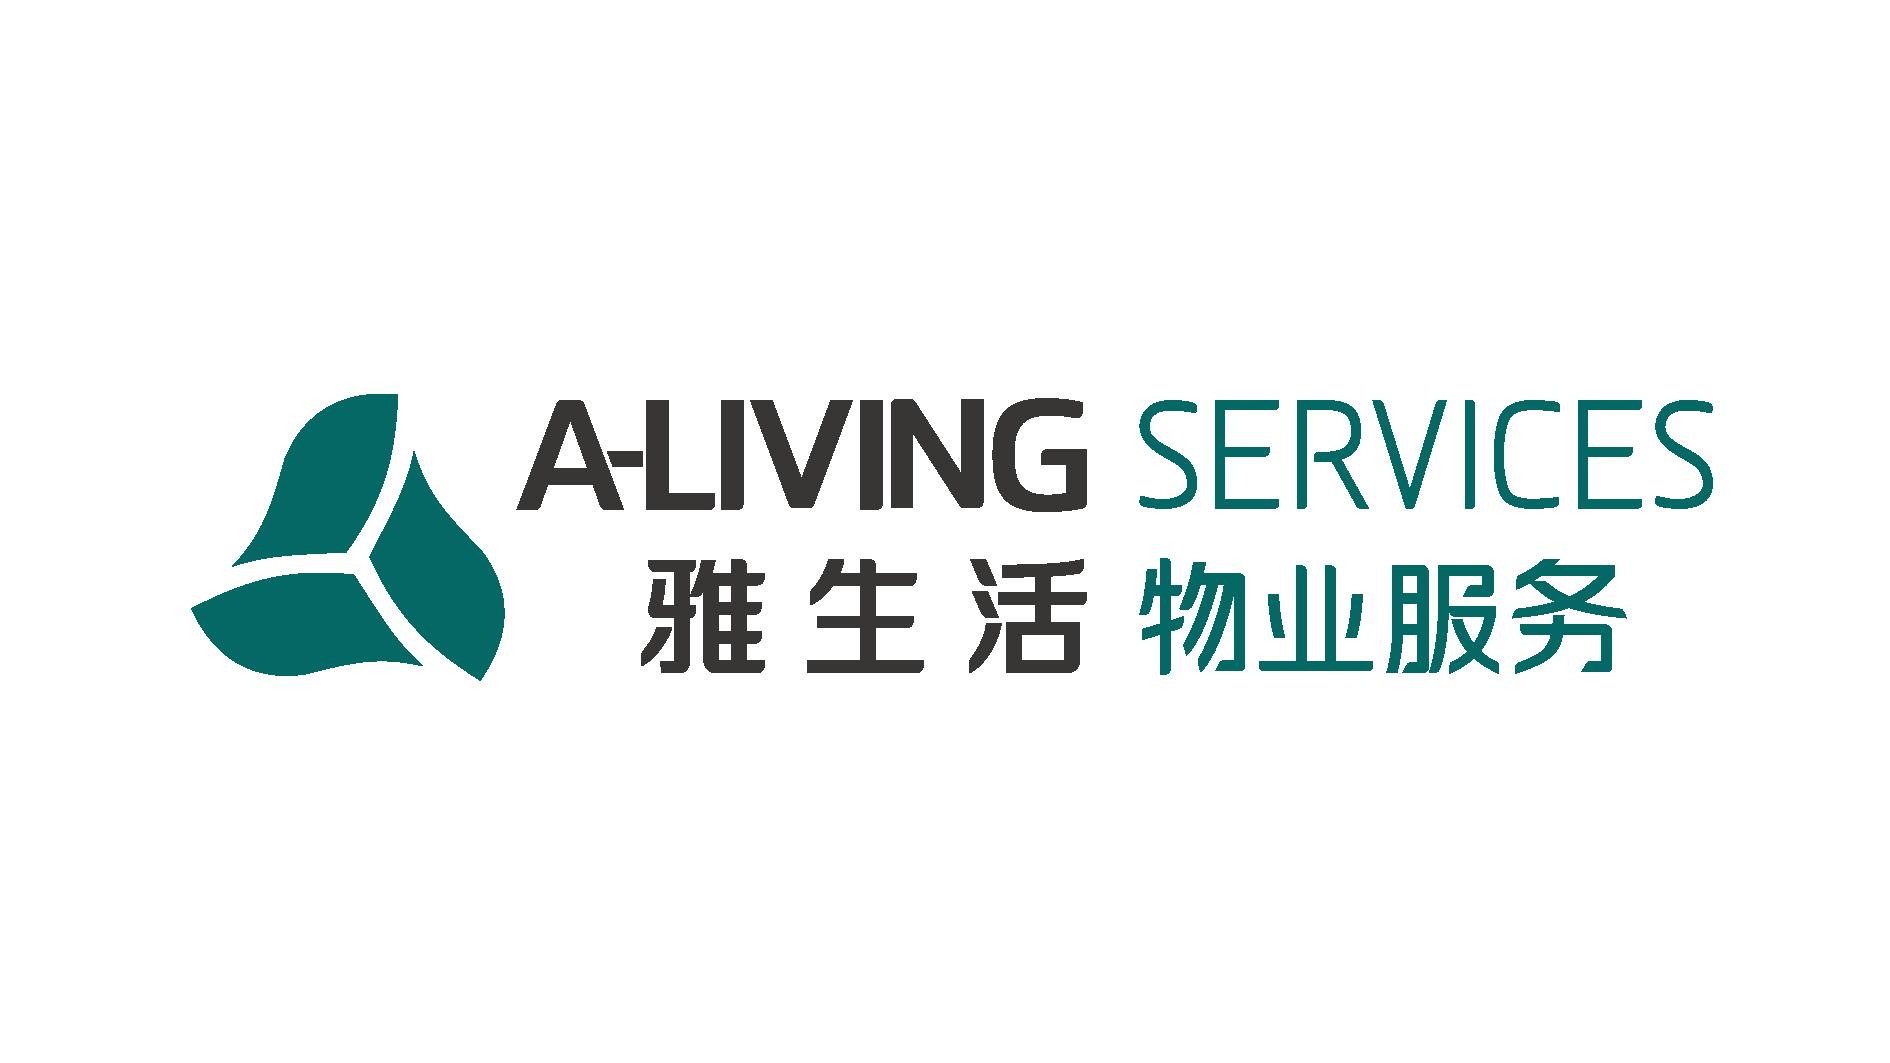 雅居樂雅生活服務股份有限公司